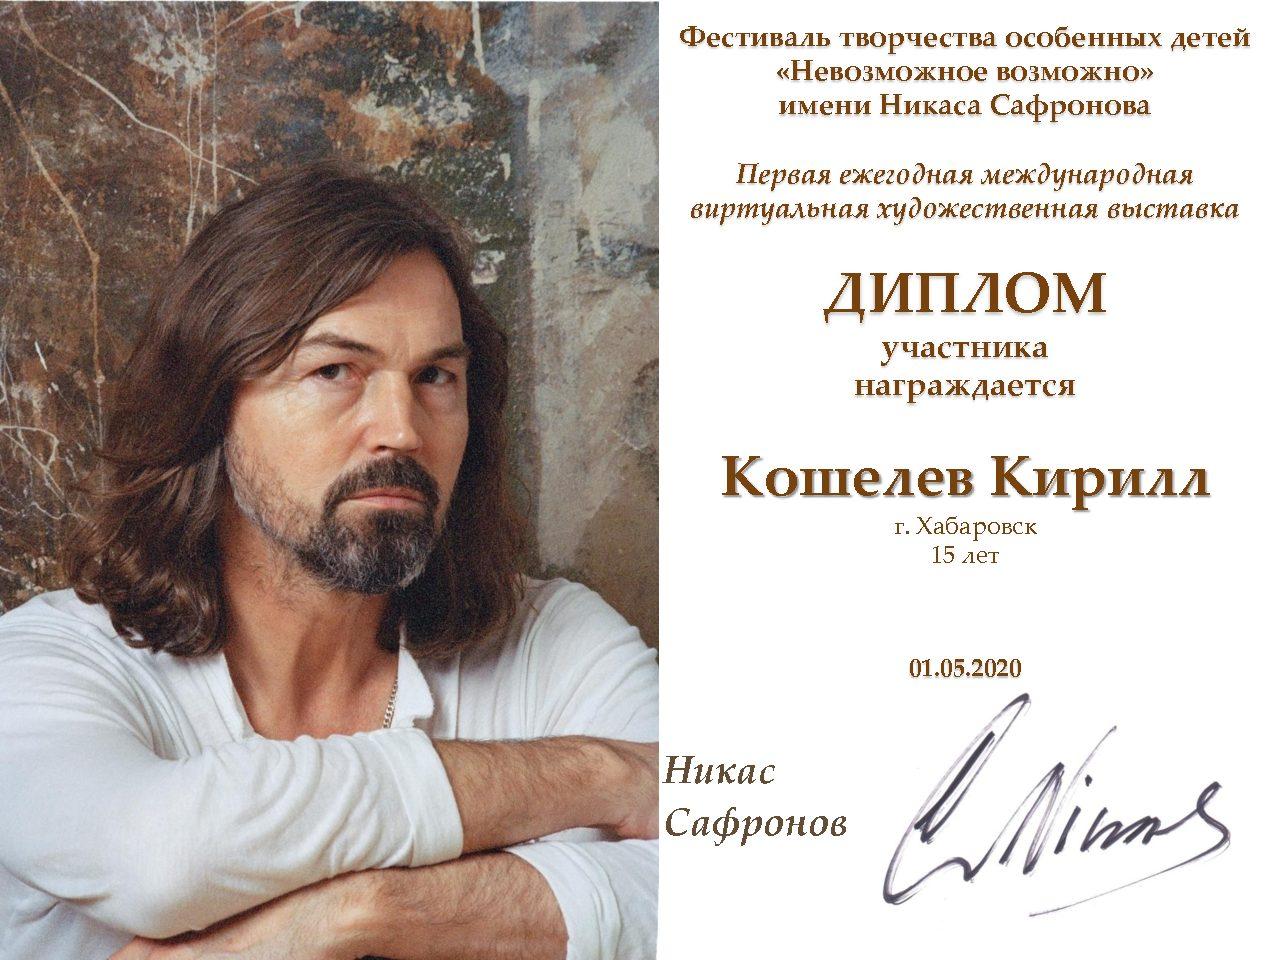 Кошелев Кирилл